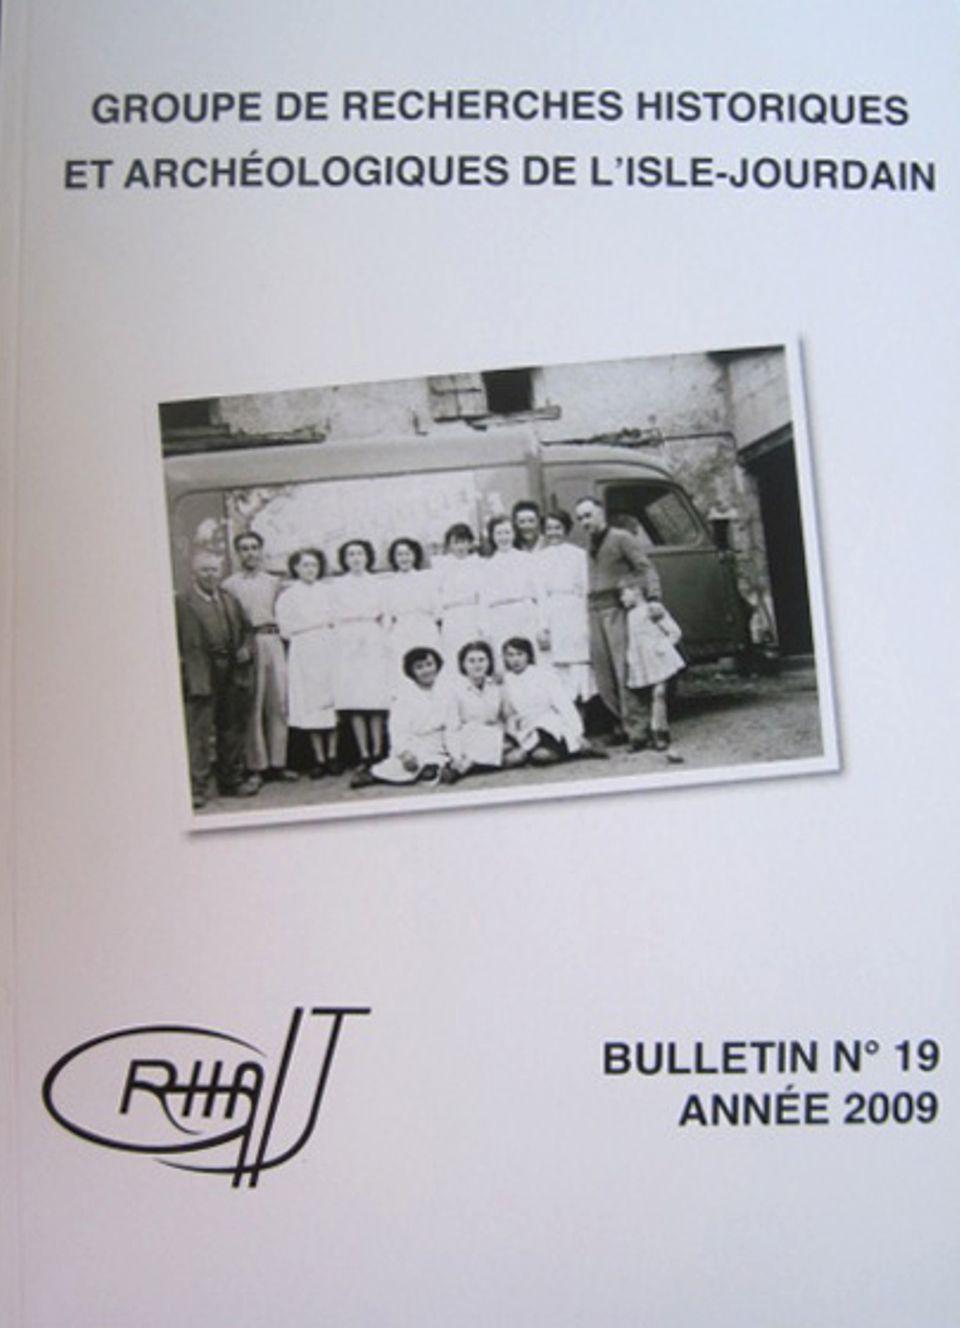 Bulletin du GRHAIJ, Bulletin n°19 - 2009,